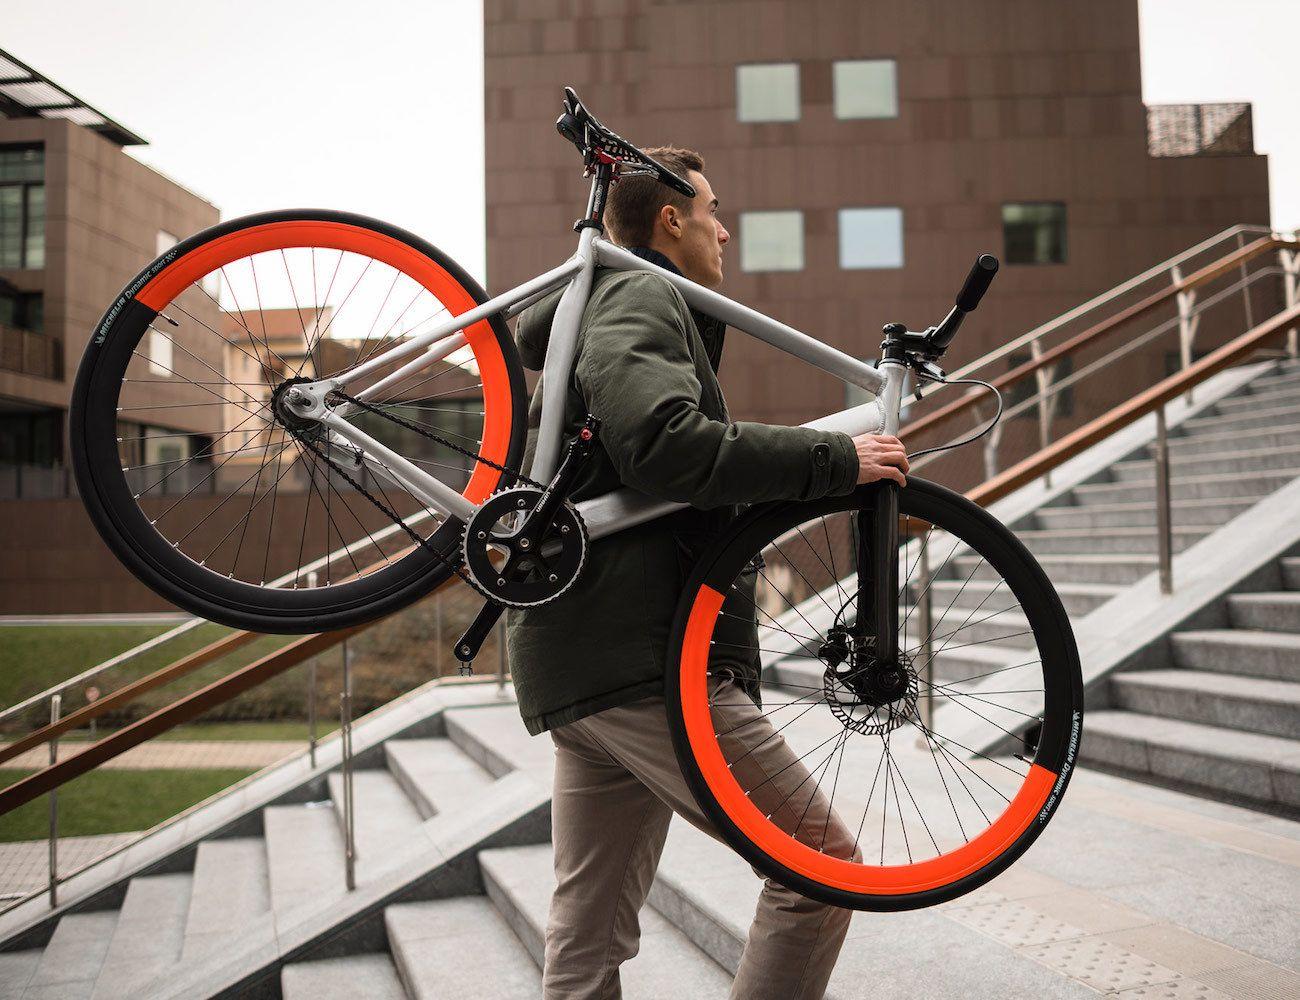 SZ+Bikes+Equilibrium+Urban+Bike